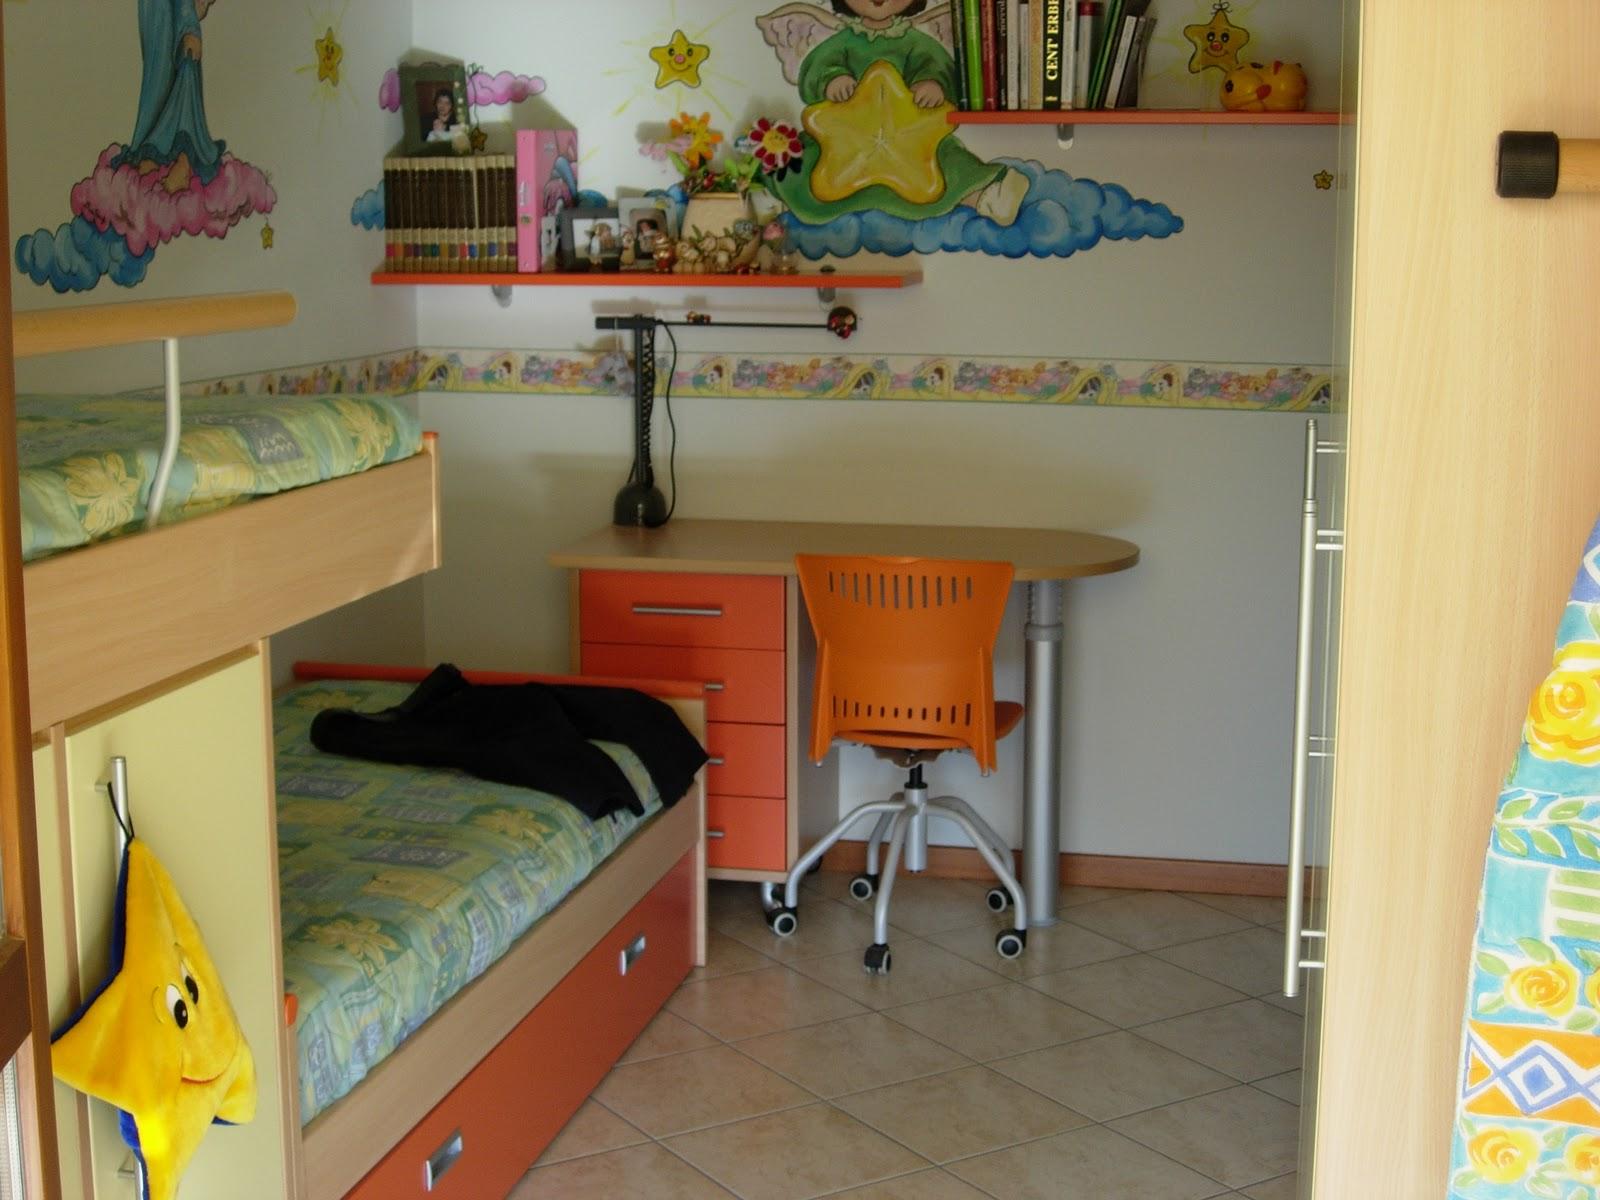 Decorazioni camerette bimbi decorazioni per camerette bimbo decorare camerette bambini fai da - Usato camerette bambini ...